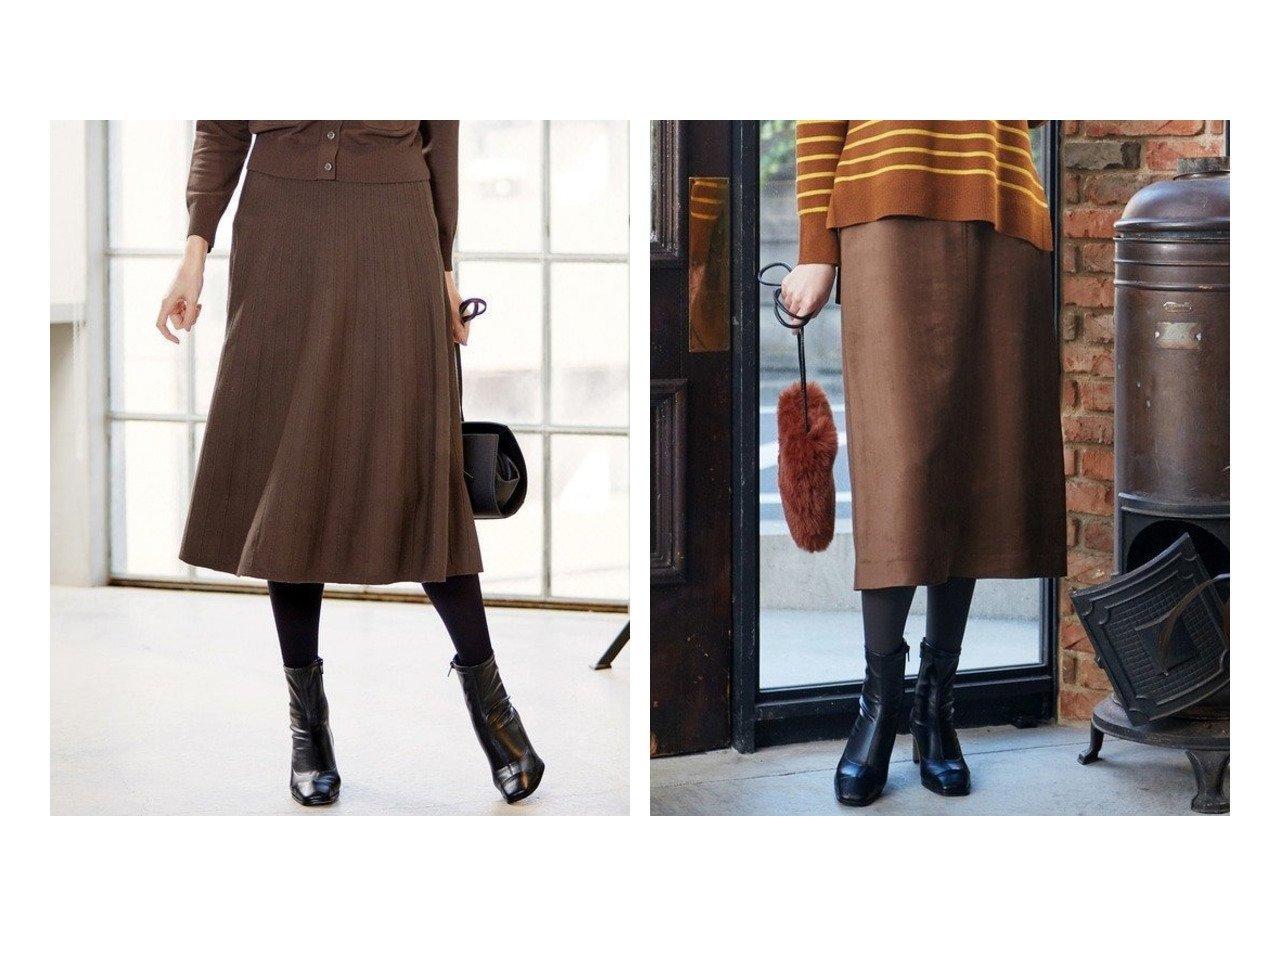 【KUMIKYOKU/組曲】の【KMKK】ヴィスコースストレッチ ニットスカート&【洗える】マットスエード タイトスカート スカートのおすすめ!人気、トレンド・レディースファッションの通販  おすすめで人気の流行・トレンド、ファッションの通販商品 メンズファッション・キッズファッション・インテリア・家具・レディースファッション・服の通販 founy(ファニー) https://founy.com/ ファッション Fashion レディースファッション WOMEN スカート Skirt 秋 カーディガン コンパクト ストレッチ セットアップ パーカー ベーシック 楽ちん A/W 秋冬 AW Autumn/Winter / FW Fall-Winter 2020年 2020 2020-2021 秋冬 A/W AW Autumn/Winter / FW Fall-Winter 2020-2021 送料無料 Free Shipping ウォーム スエード タイトスカート リブニット 洗える |ID:crp329100000009744